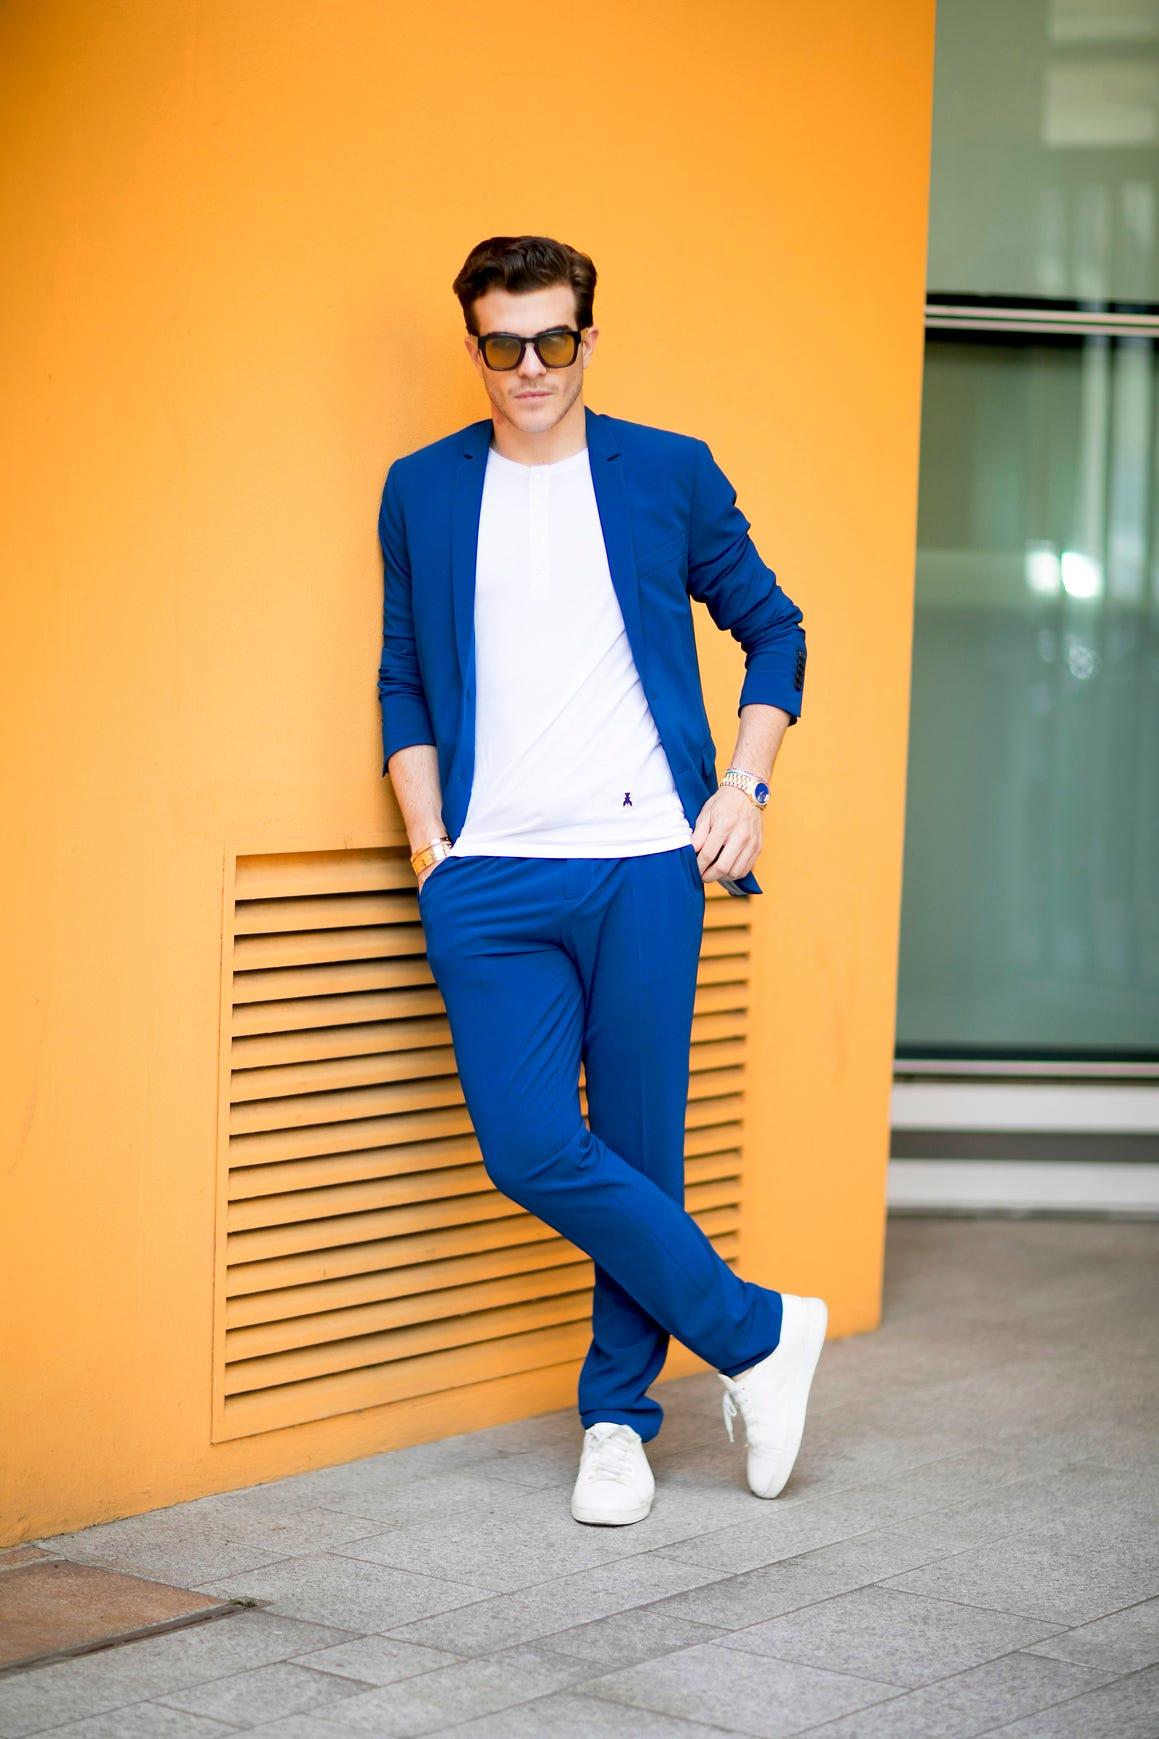 時尚回眸:2017第二季最暢銷男鞋出爐!. 有句話是這麼說的,「男人的尊嚴都在鞋子裡」。除了服裝,手錶 ...